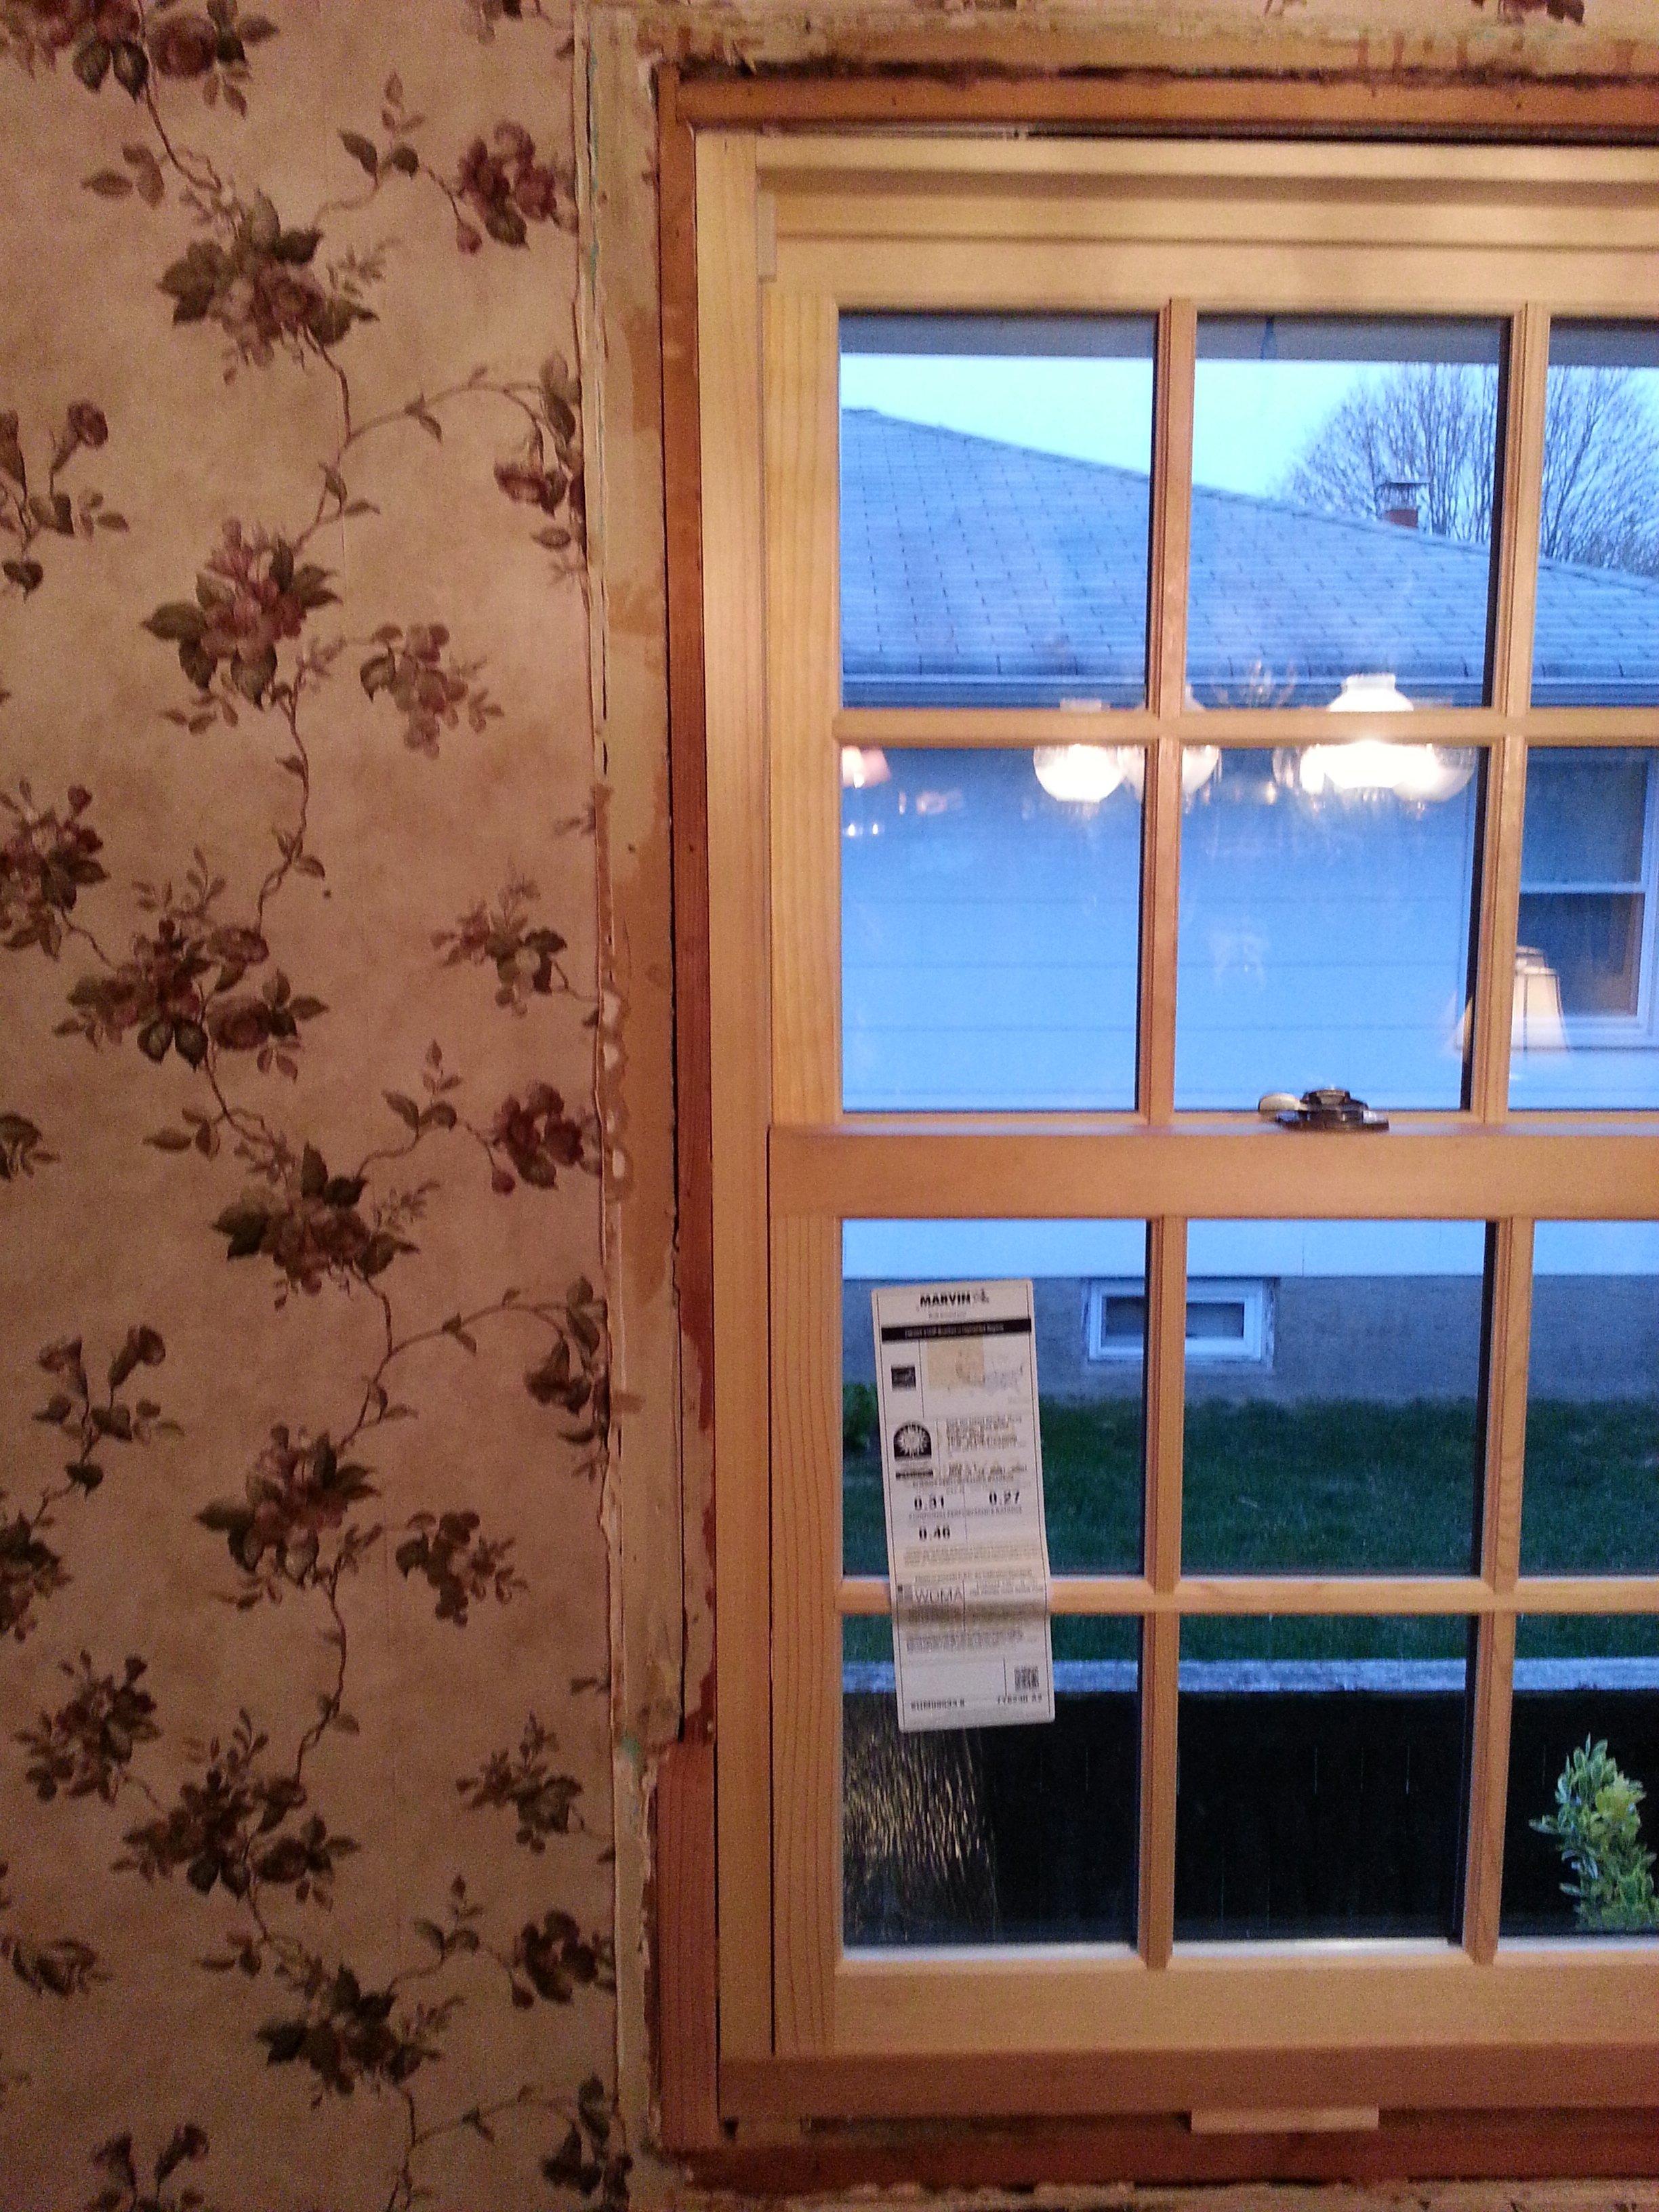 Windows and doors constructive design inc for Window design jobs